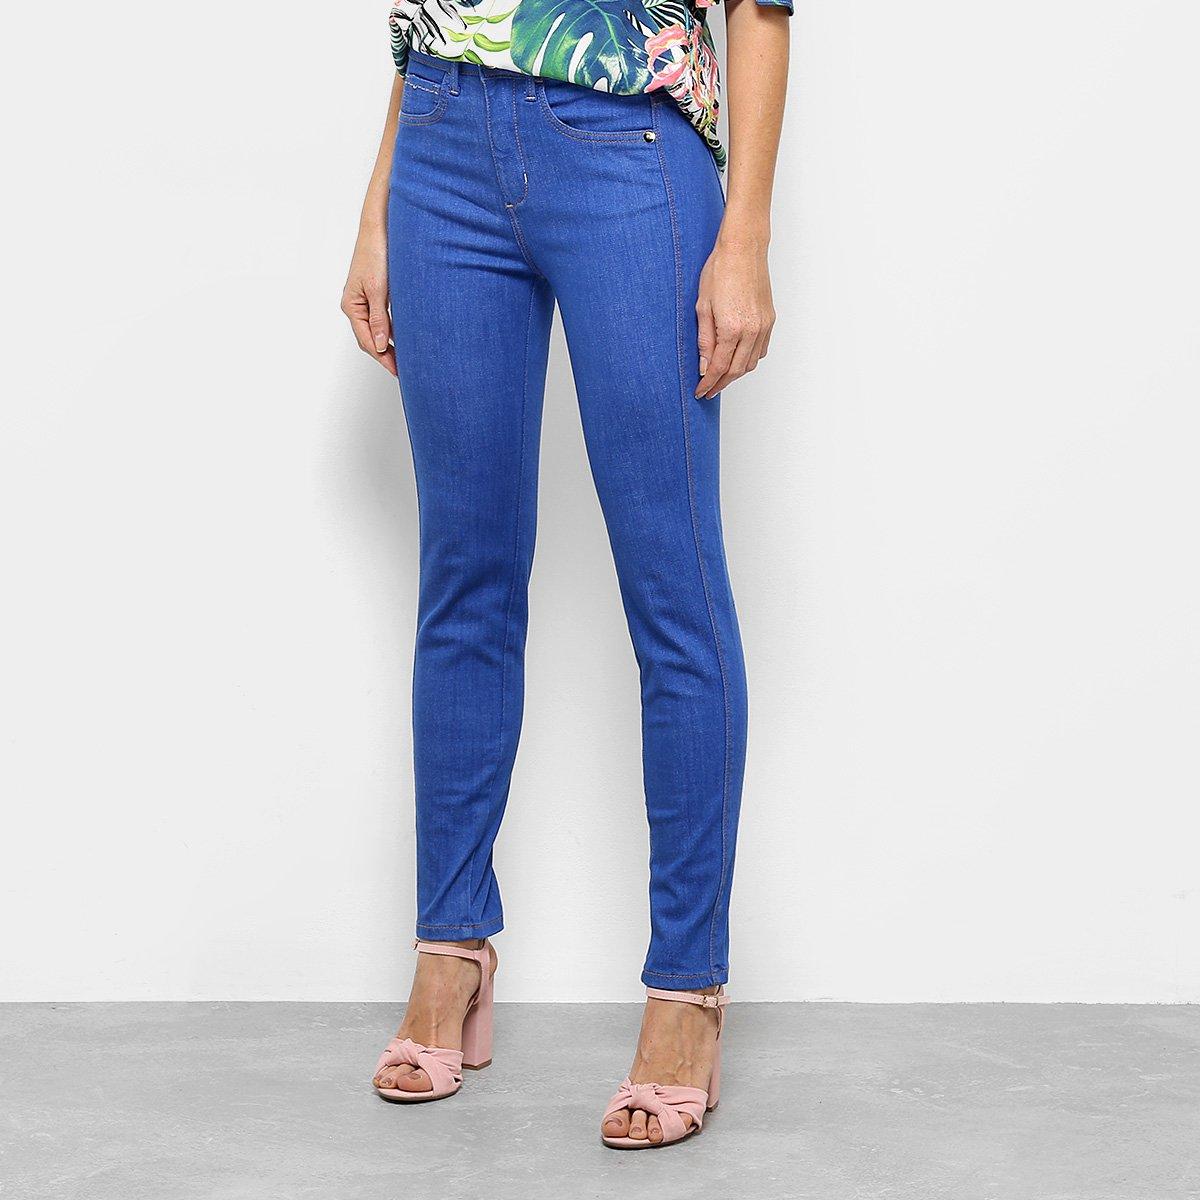 872463618 Calça Jeans Skinny Triton Special Cintura Média Feminina